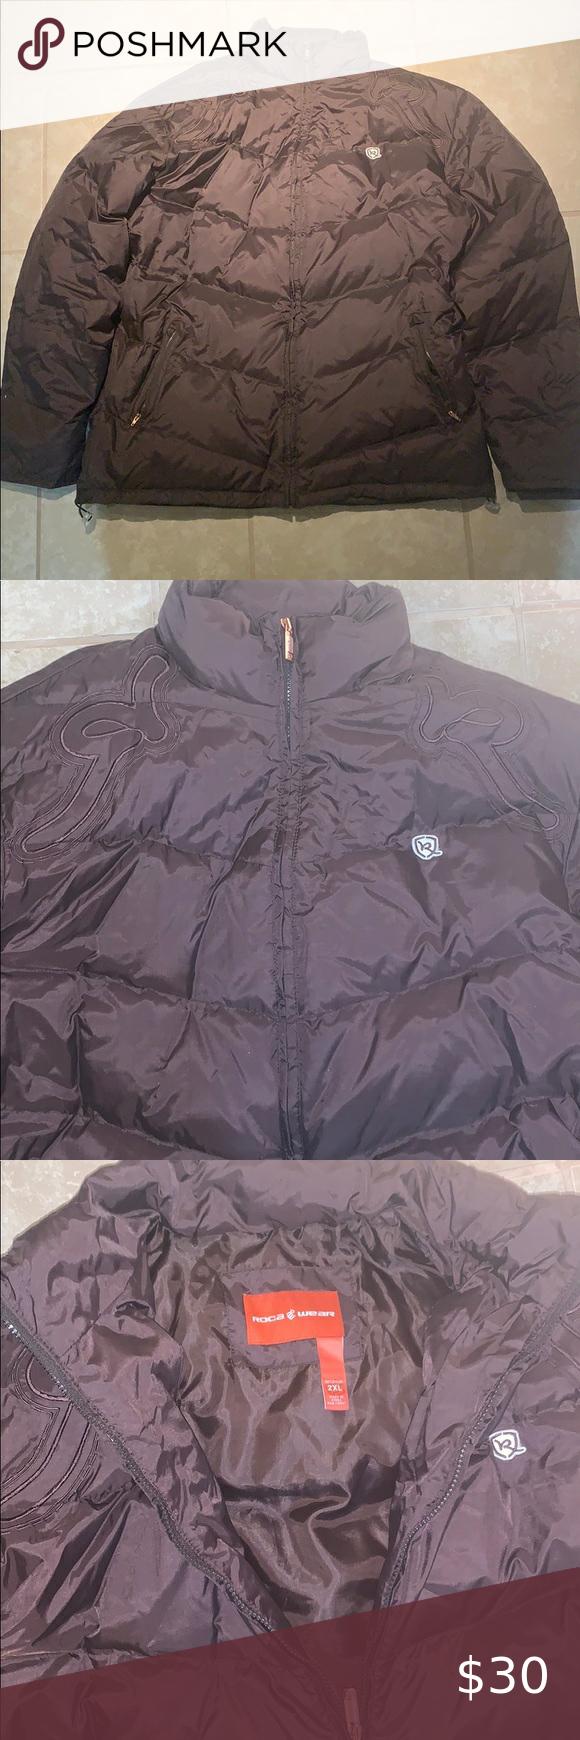 Rockawear Winter Jacket Winter Jackets Jackets Rocawear [ 1740 x 580 Pixel ]